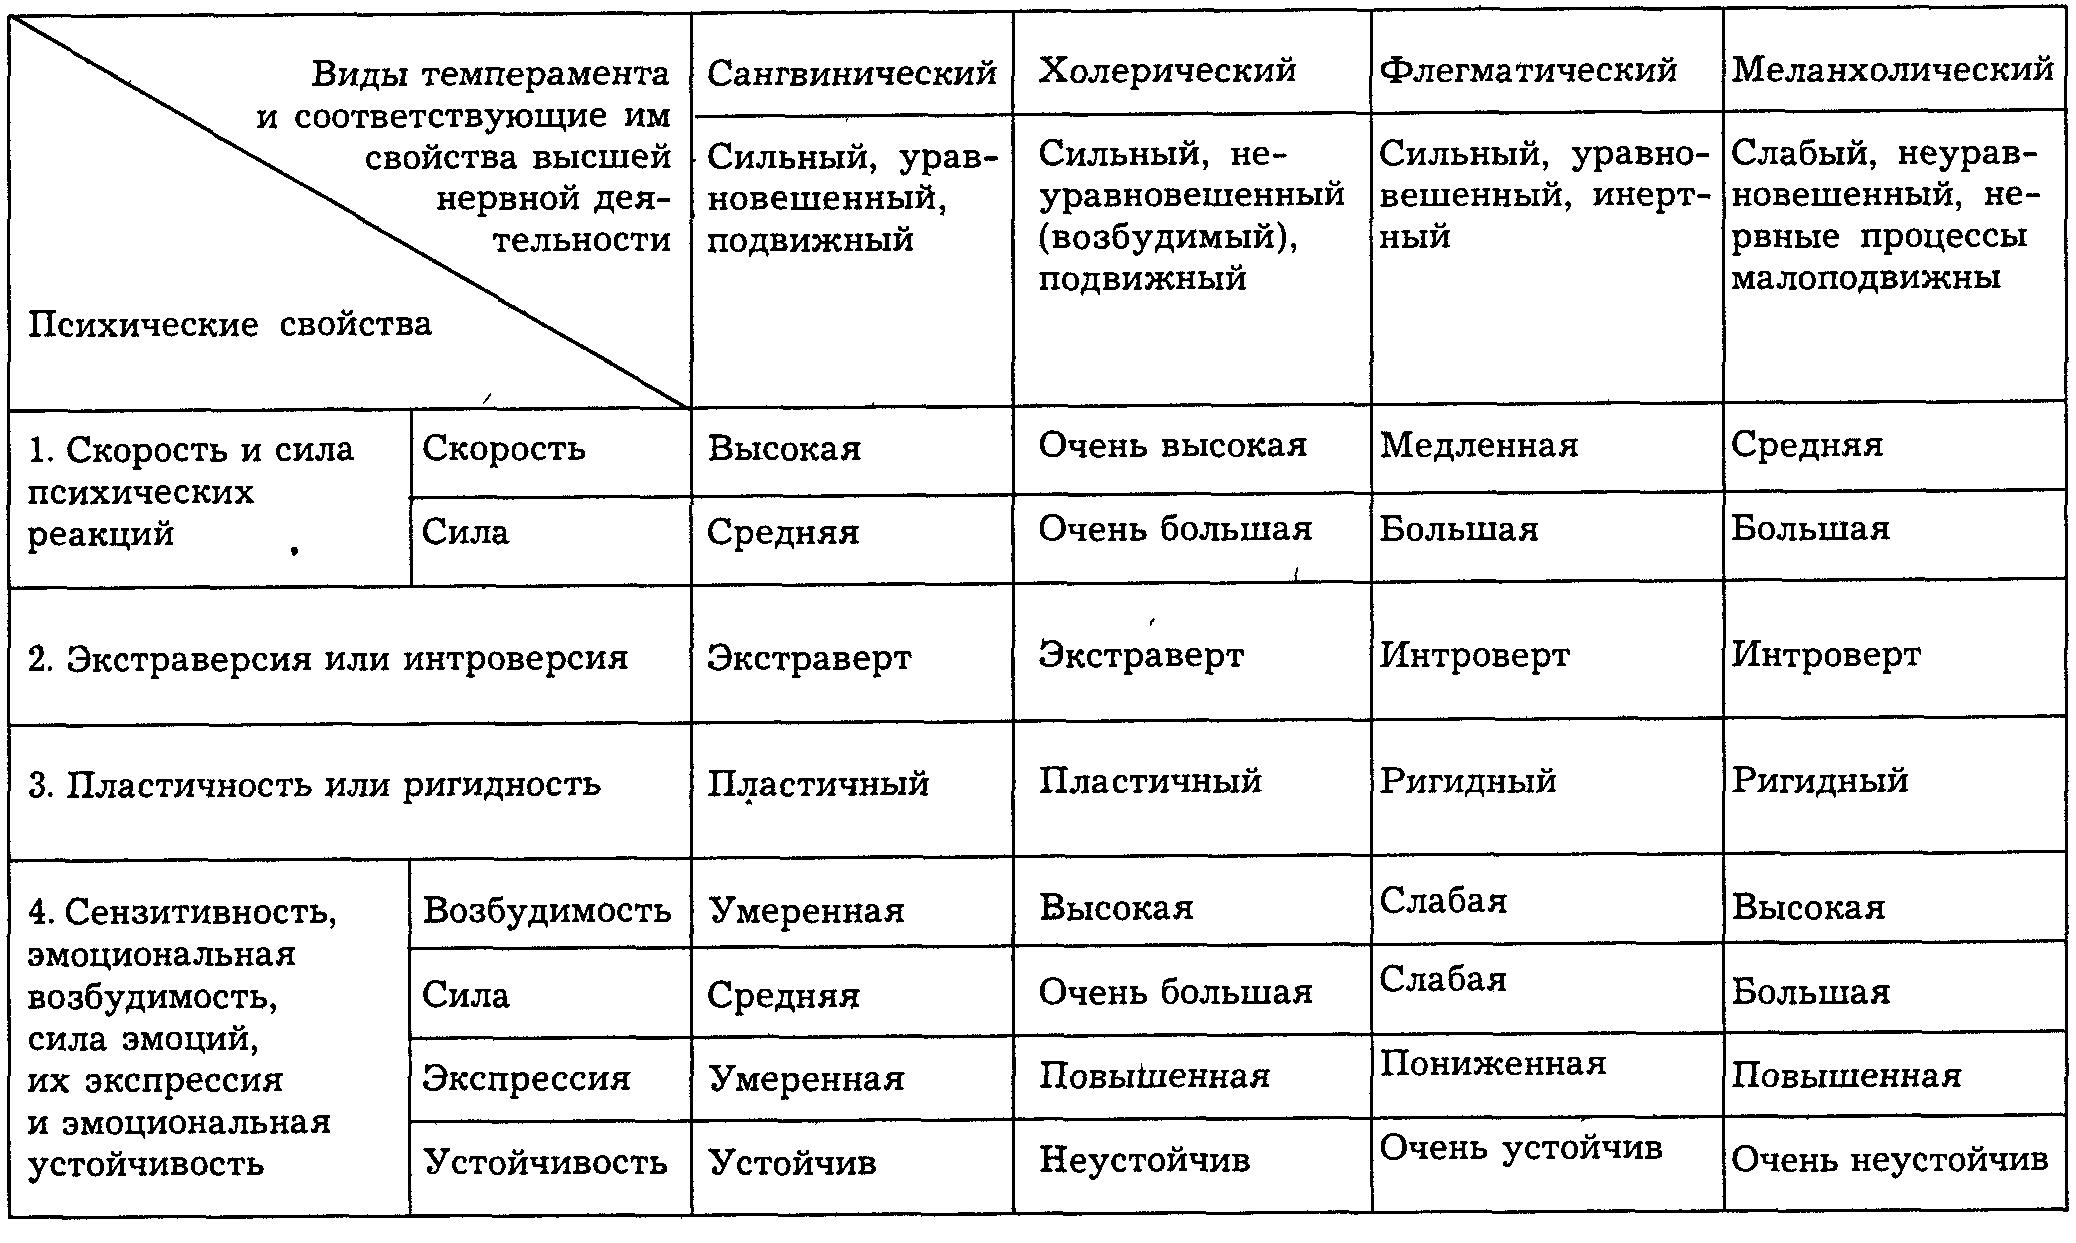 Типы темперамента и их психологические характеристики